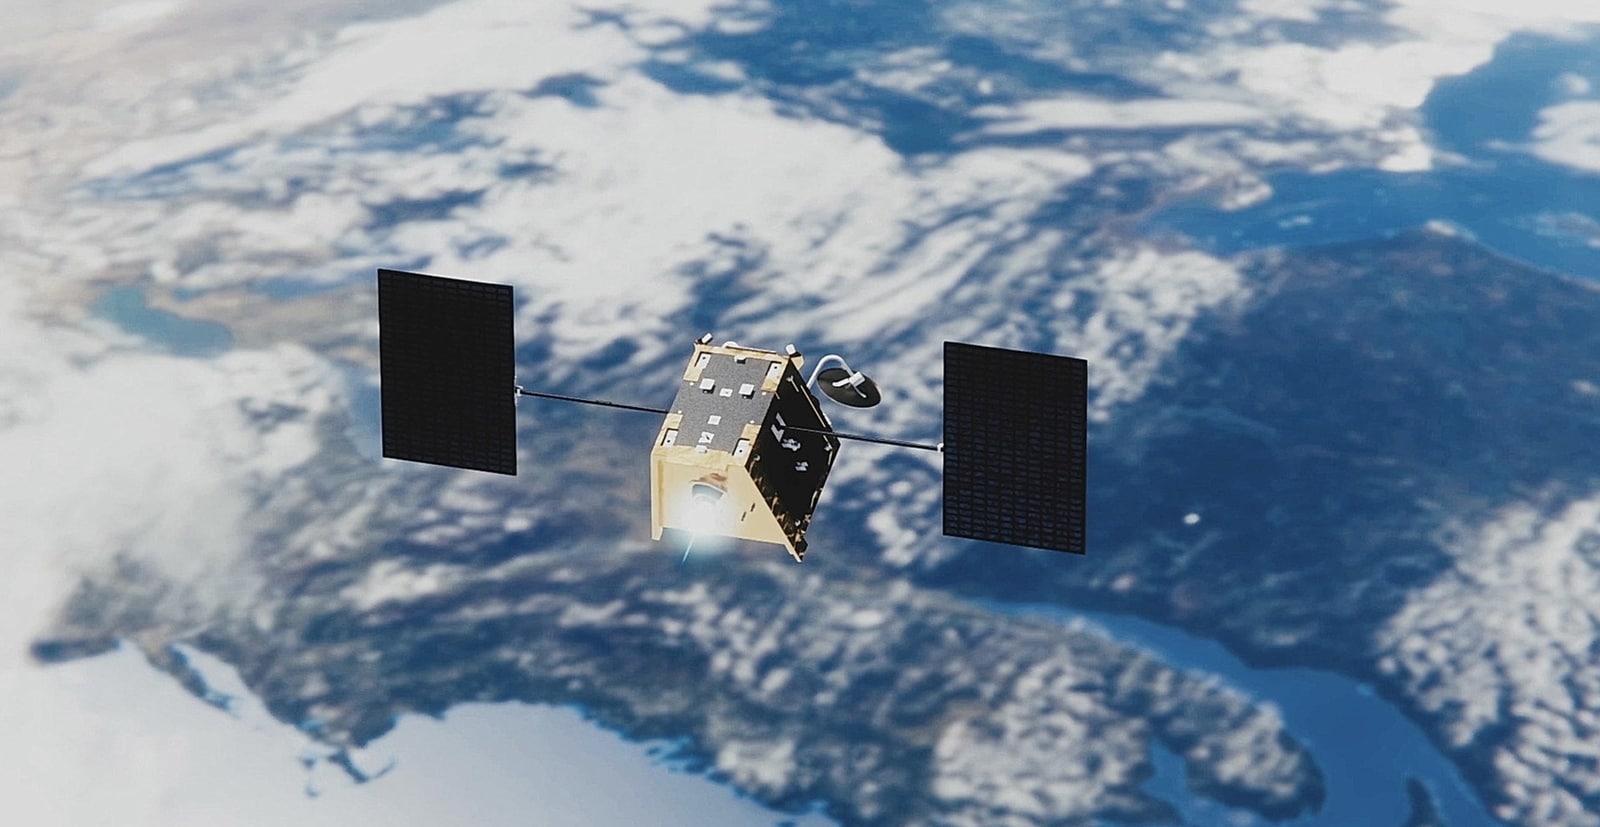 Công ty cung cấp dịch vụ Internet vệ tinh OneWeb tuyên bố sẽ phủ sóng toàn bộ Bắc Cực vào năm 2020